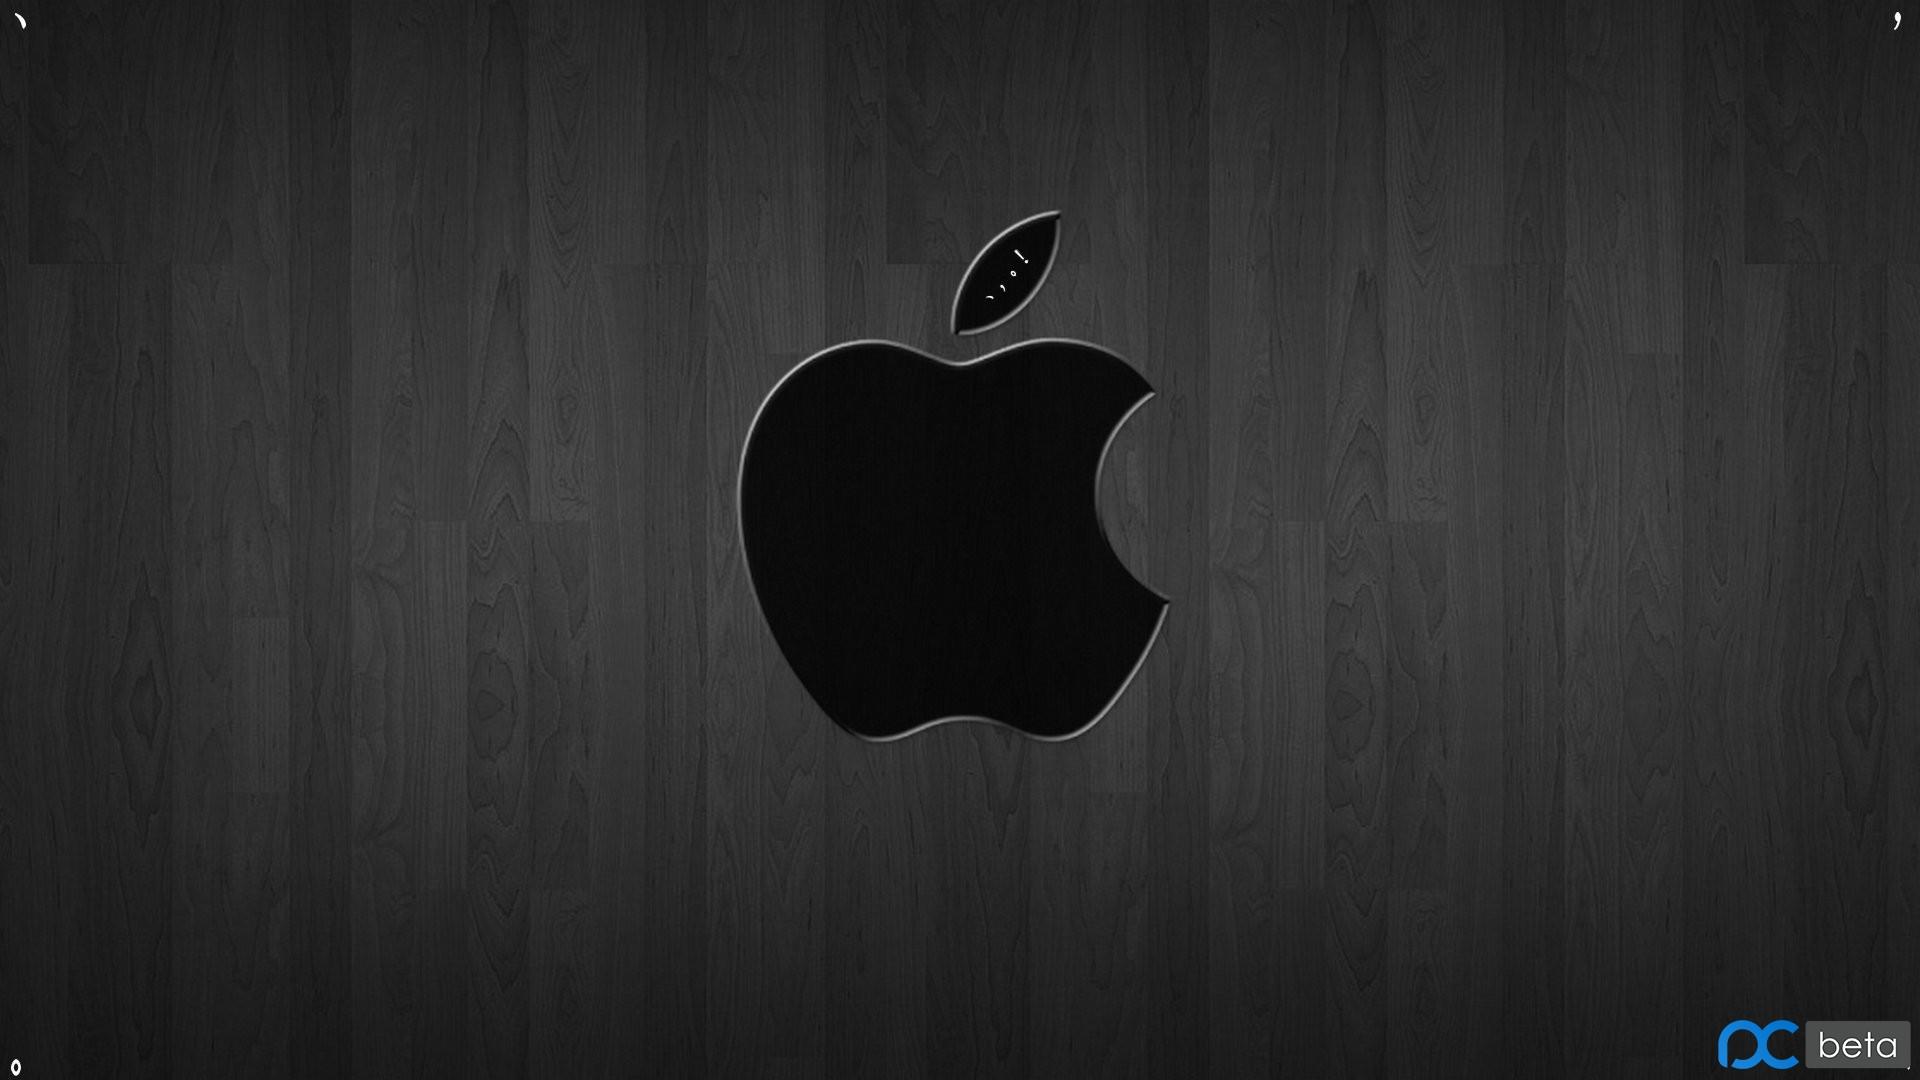 B-Apple-0005.jpg